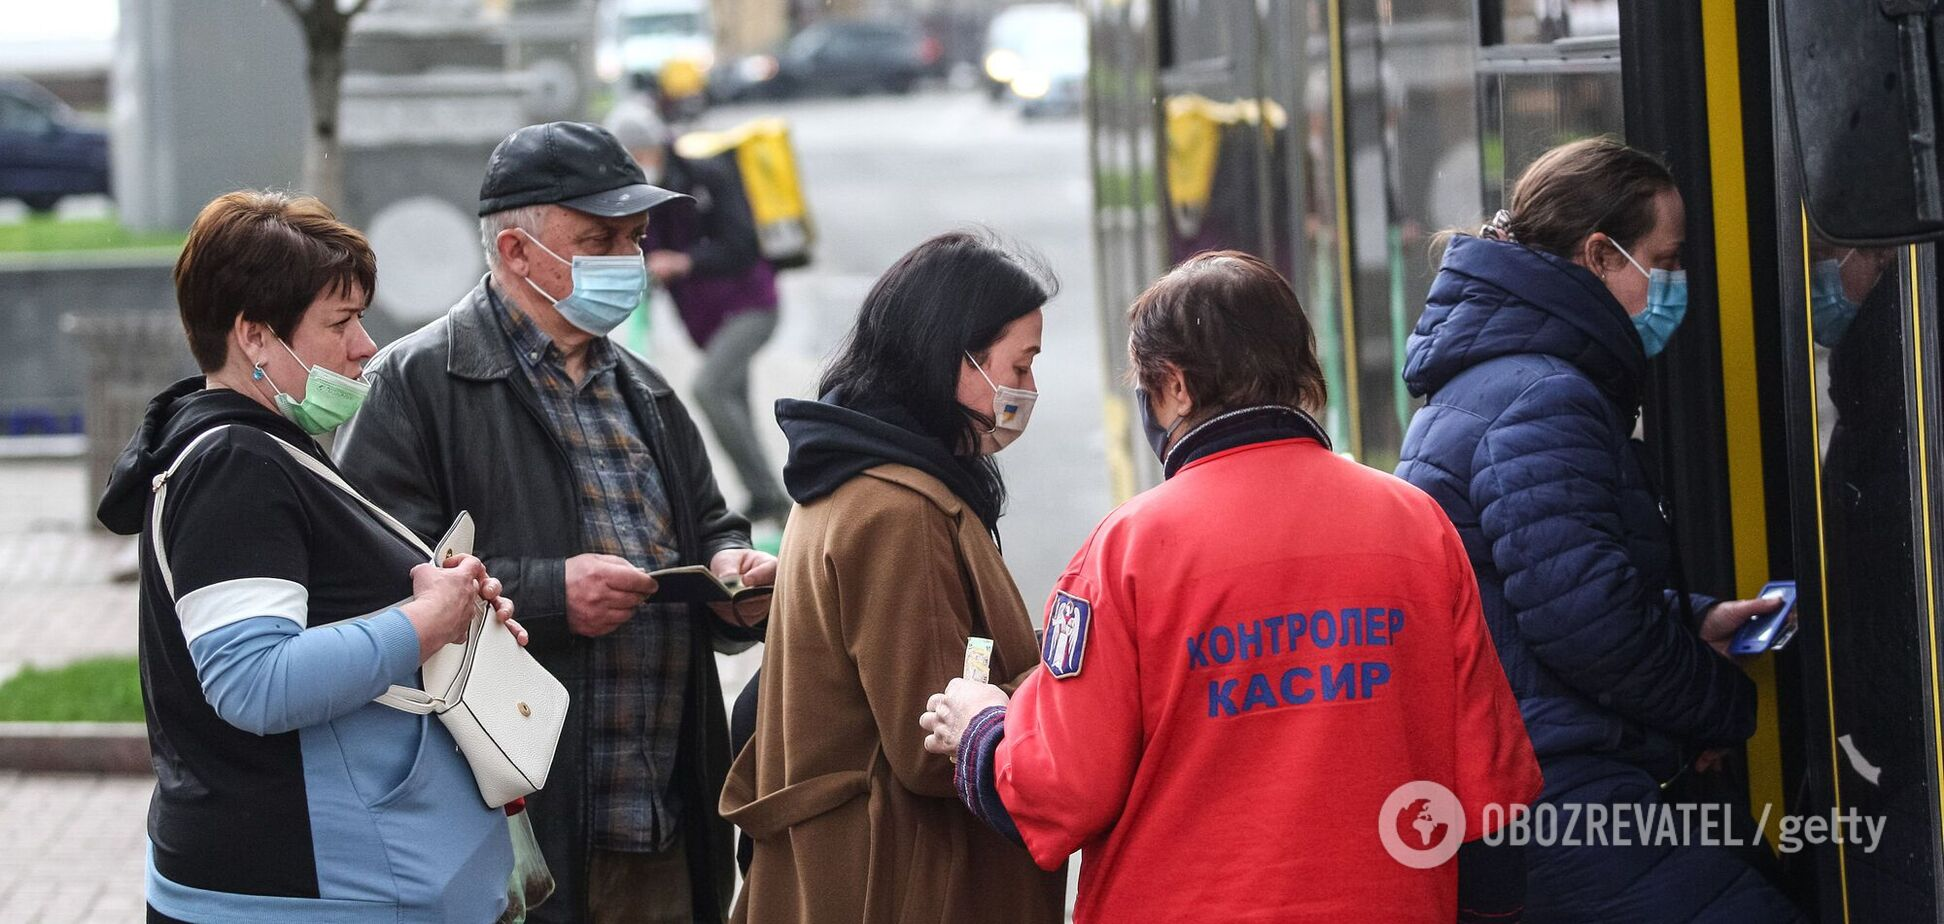 МОЗ України уточнило, які обмеження будуть у карантинних зонах. Інфографіка